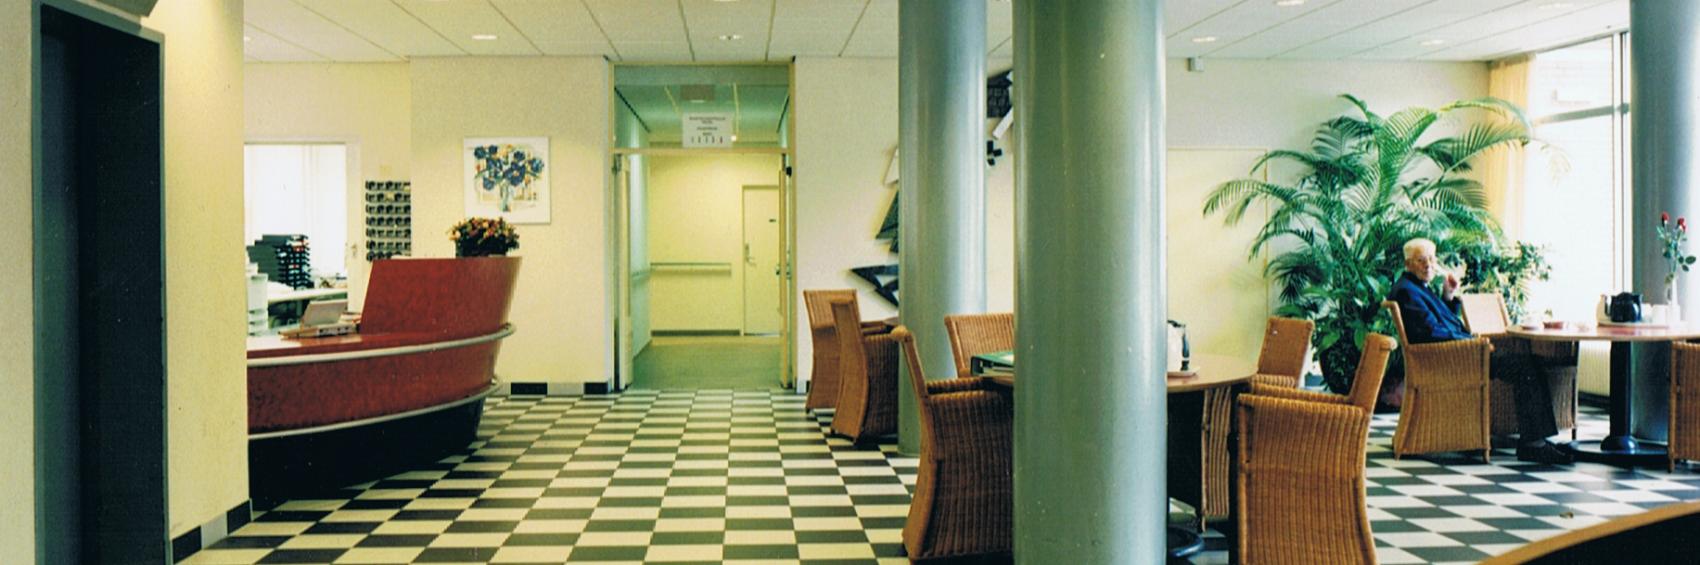 2000.02 - Bernlef